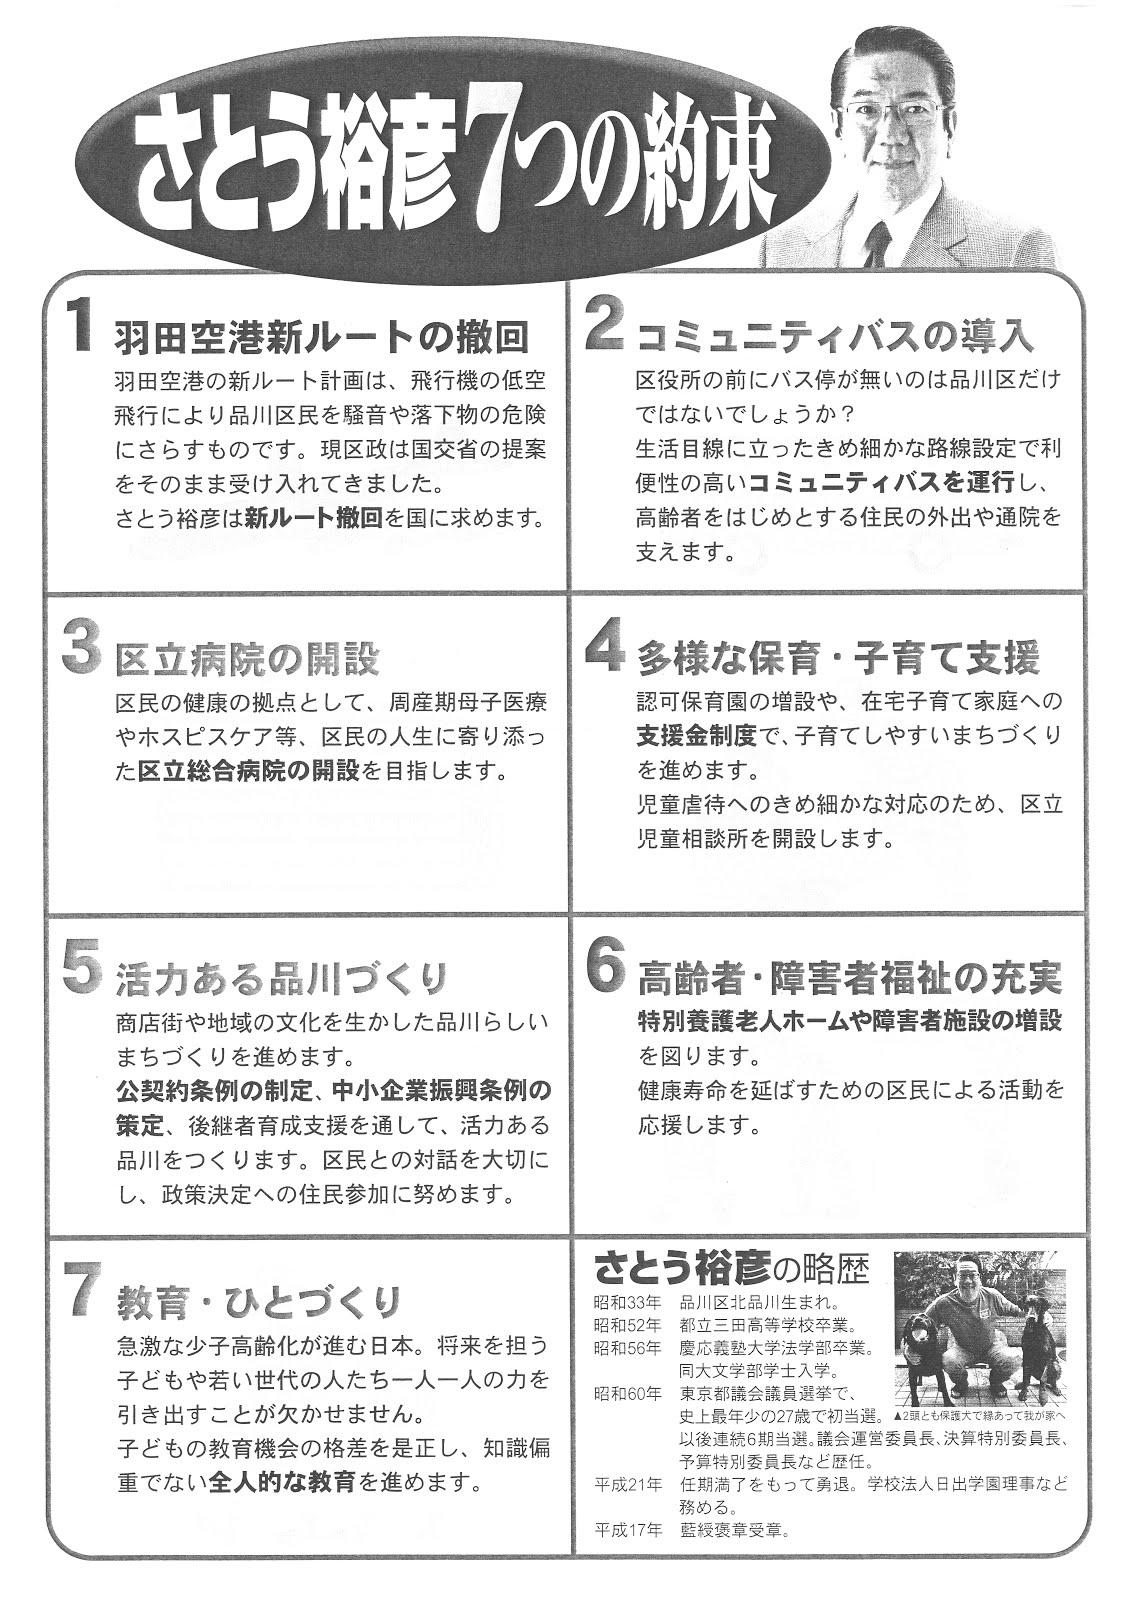 9月23日告示、30日投票の品川区長選に立候補予定のさとう裕彦さんの7つの約束